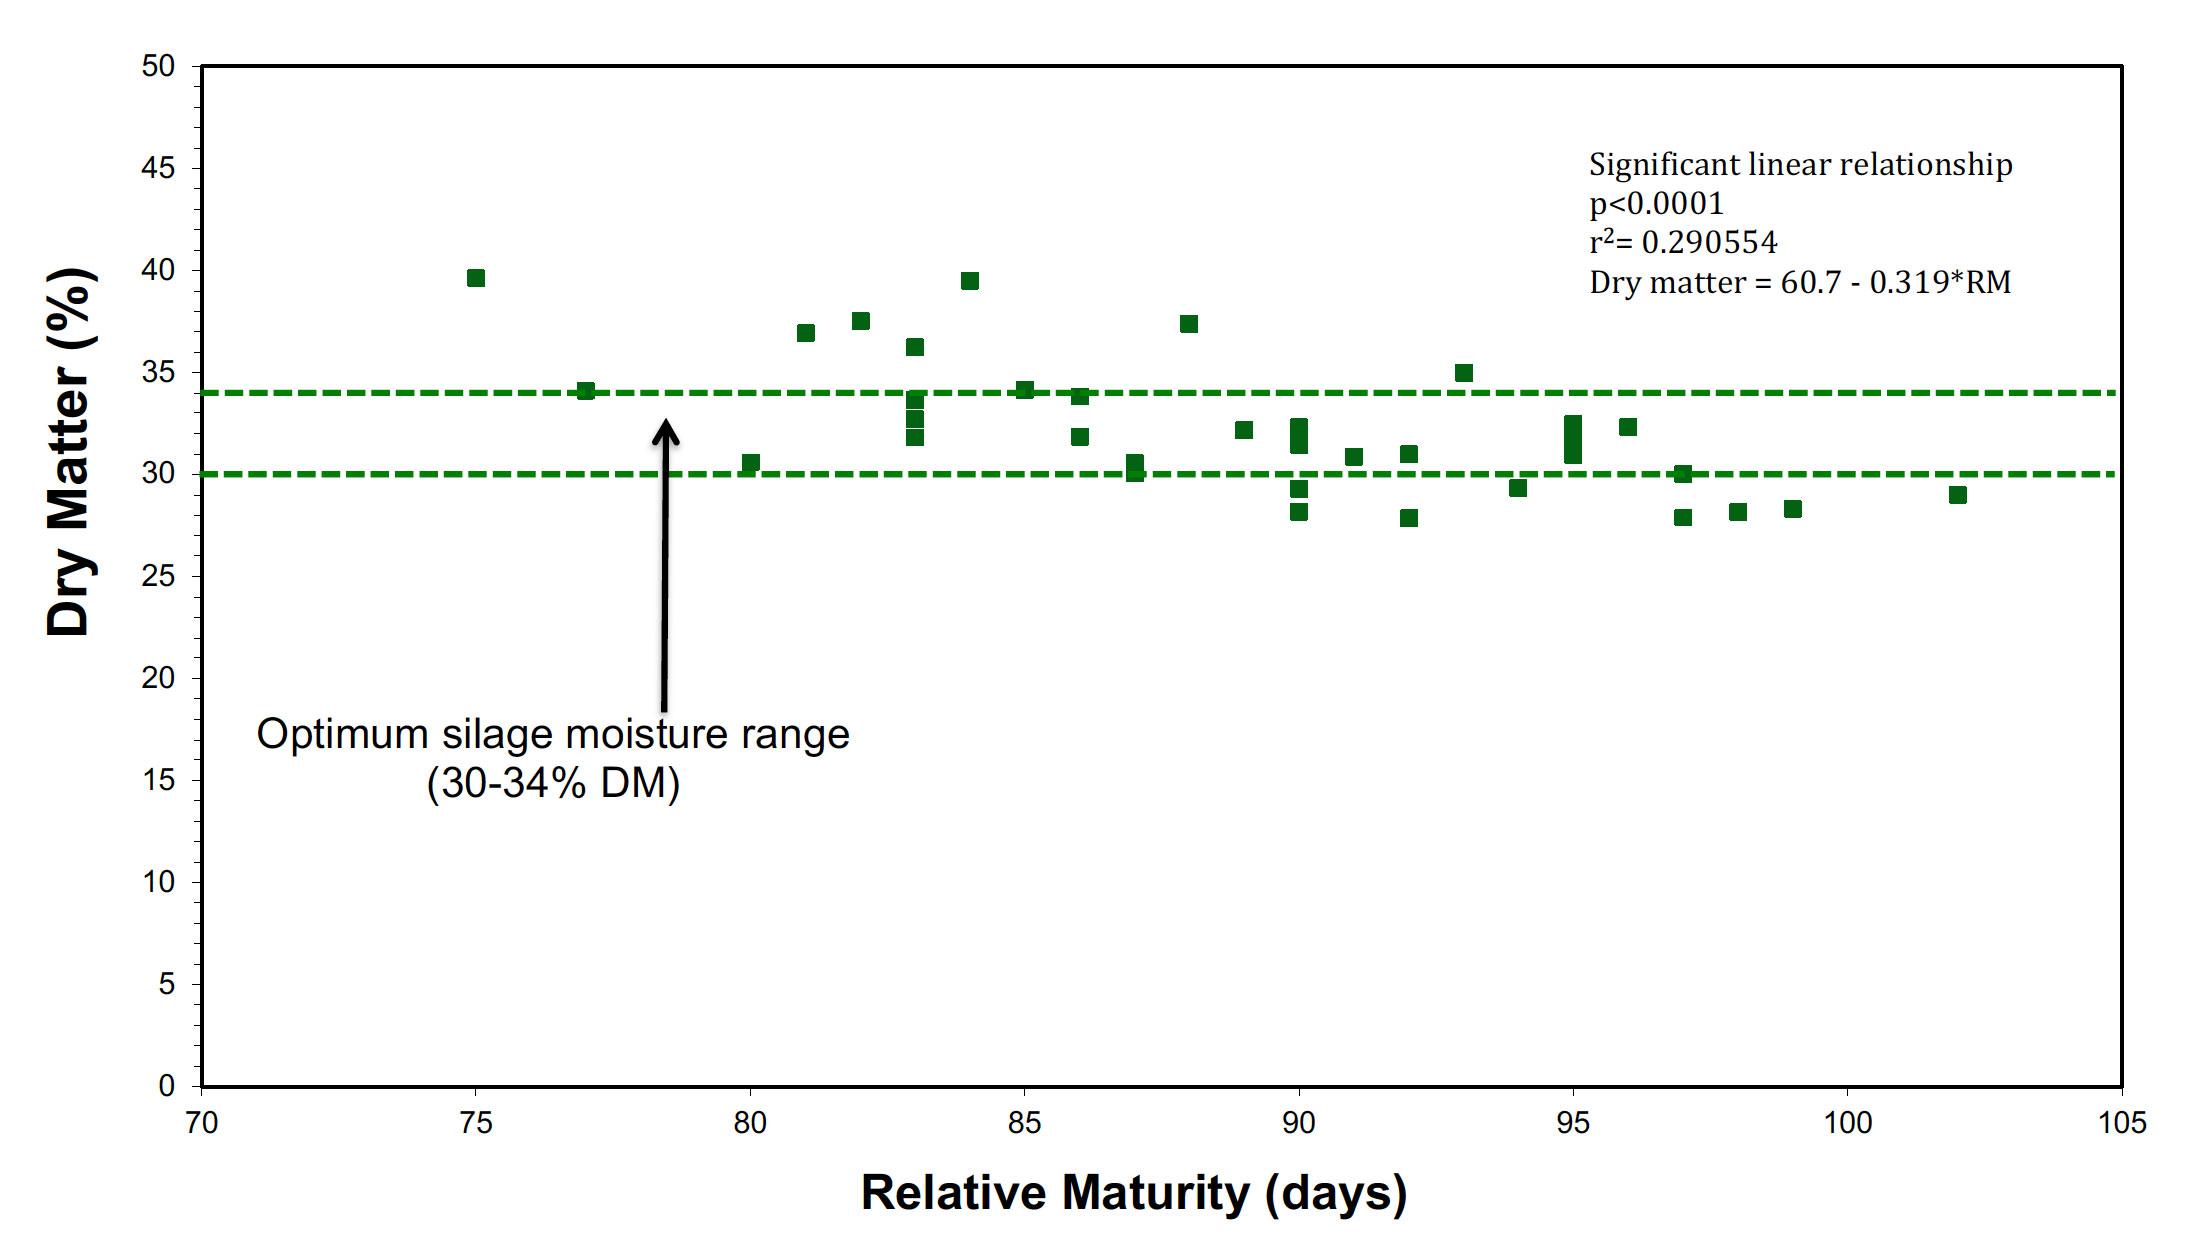 Optimum silage moisture range (30-34% DM); Dry matter = 60.7 - 0.319*RM